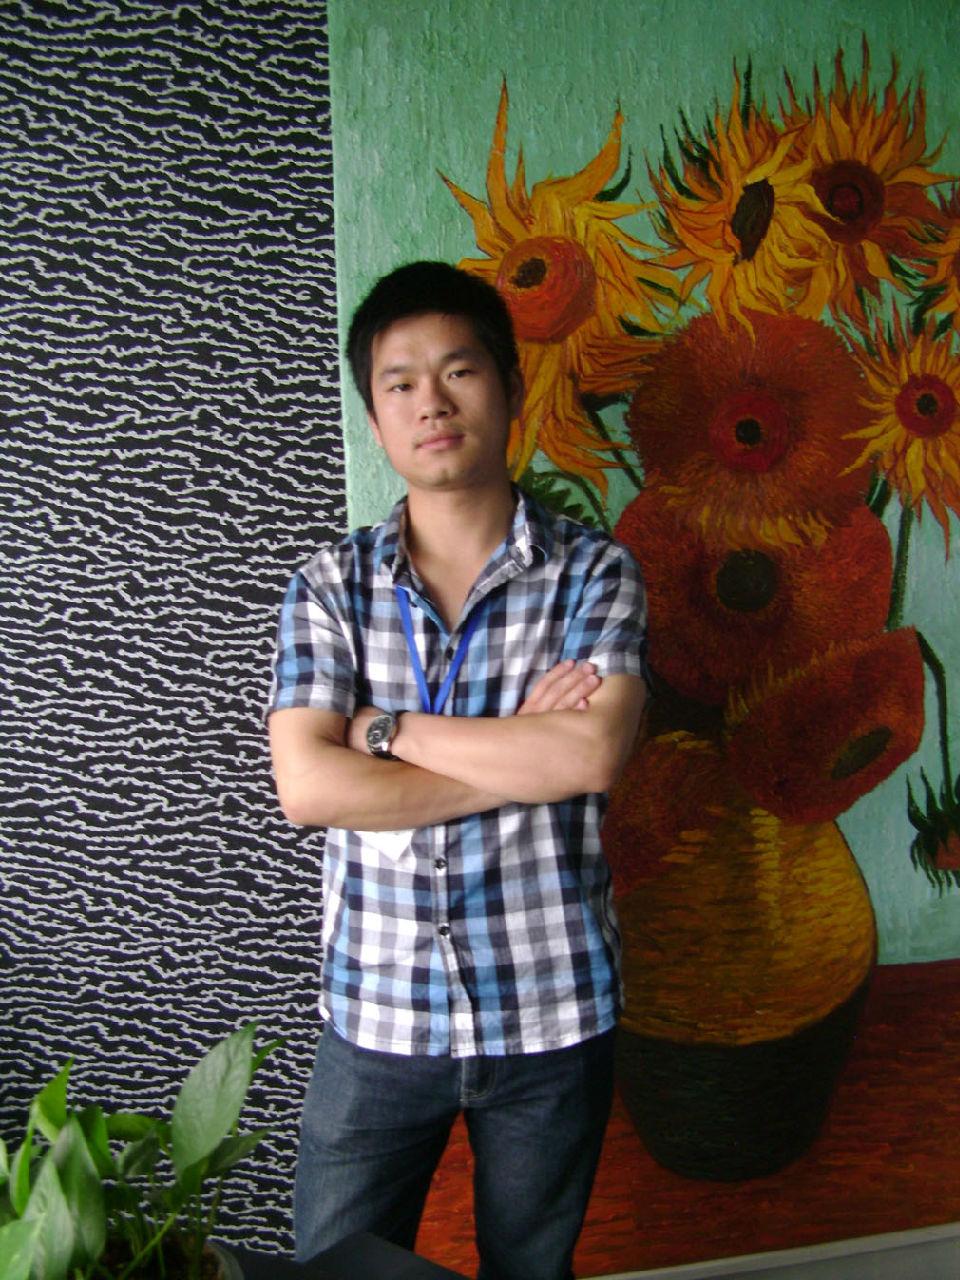 男 所属公司: 杭州跃玛装饰工程有限公司   [1] 职位职称: 主任设计师图片